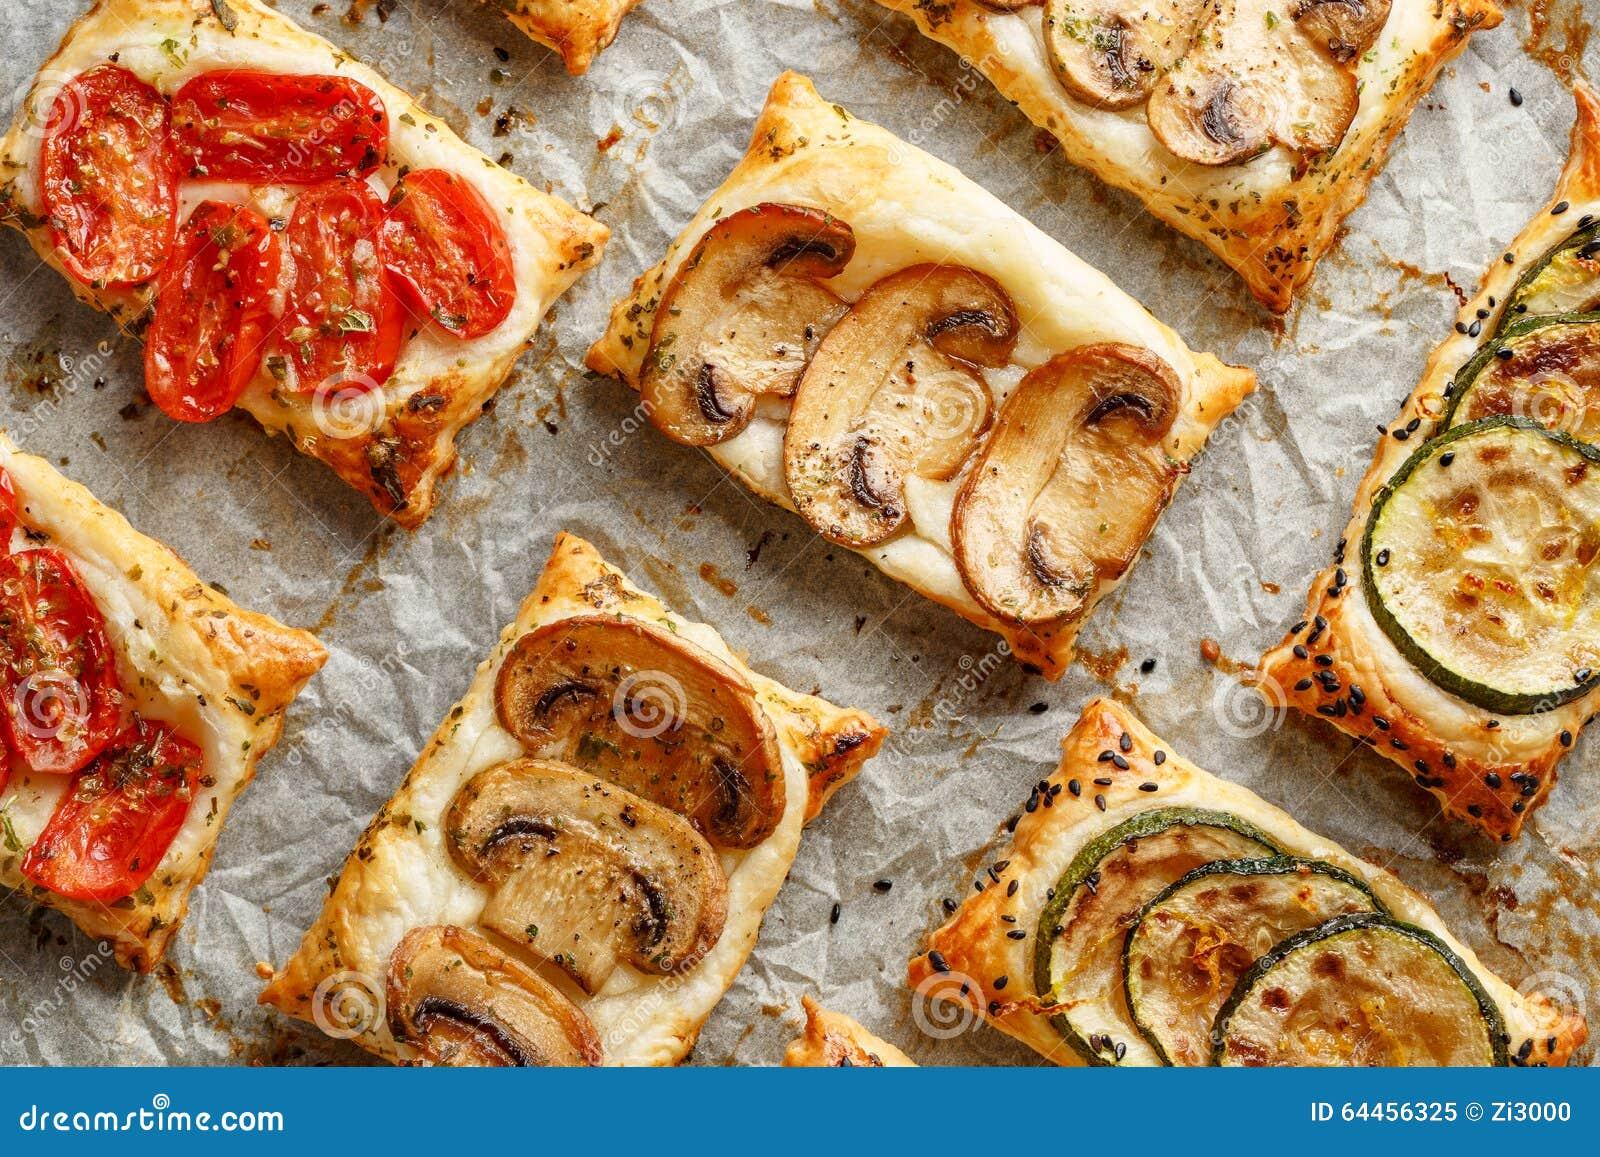 apéritifs de pâte feuilletée avec des légumes ; champignons, tomates